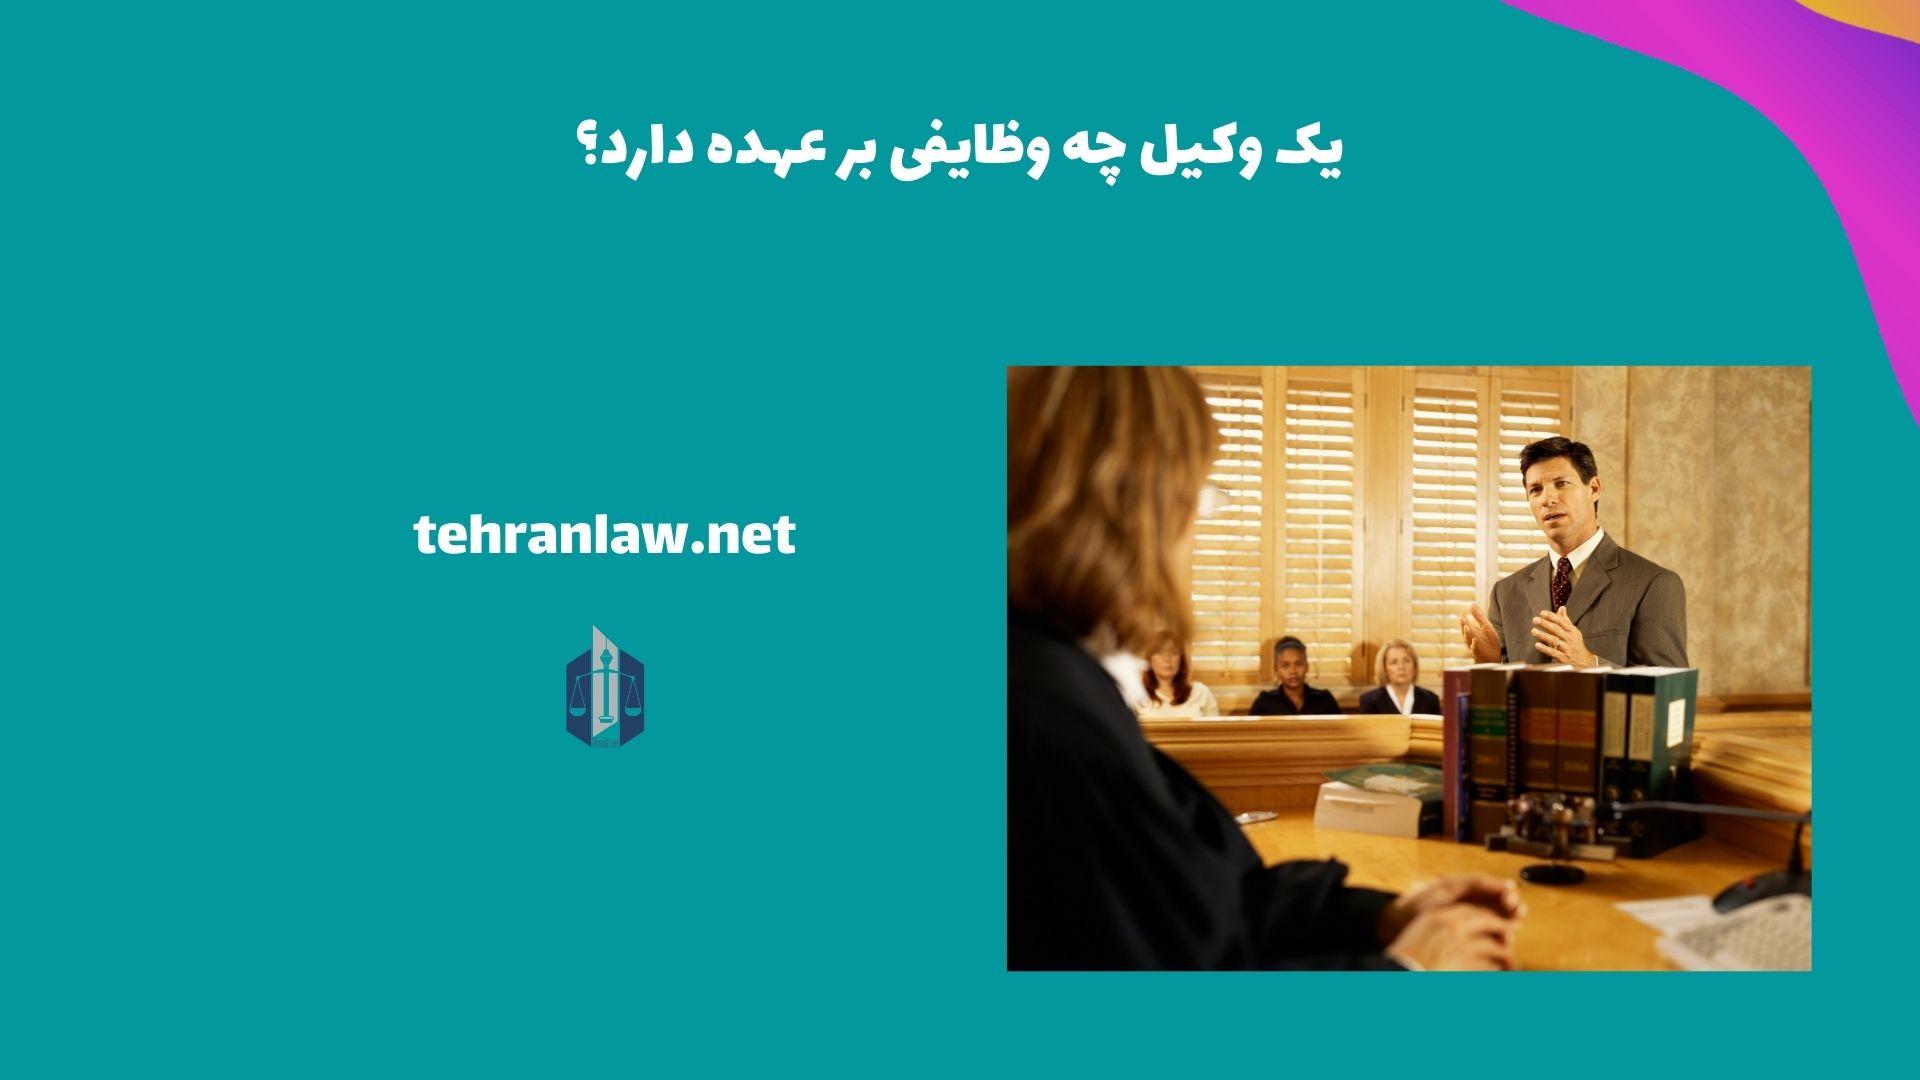 یک وکیل چه وظایفی بر عهده دارد؟